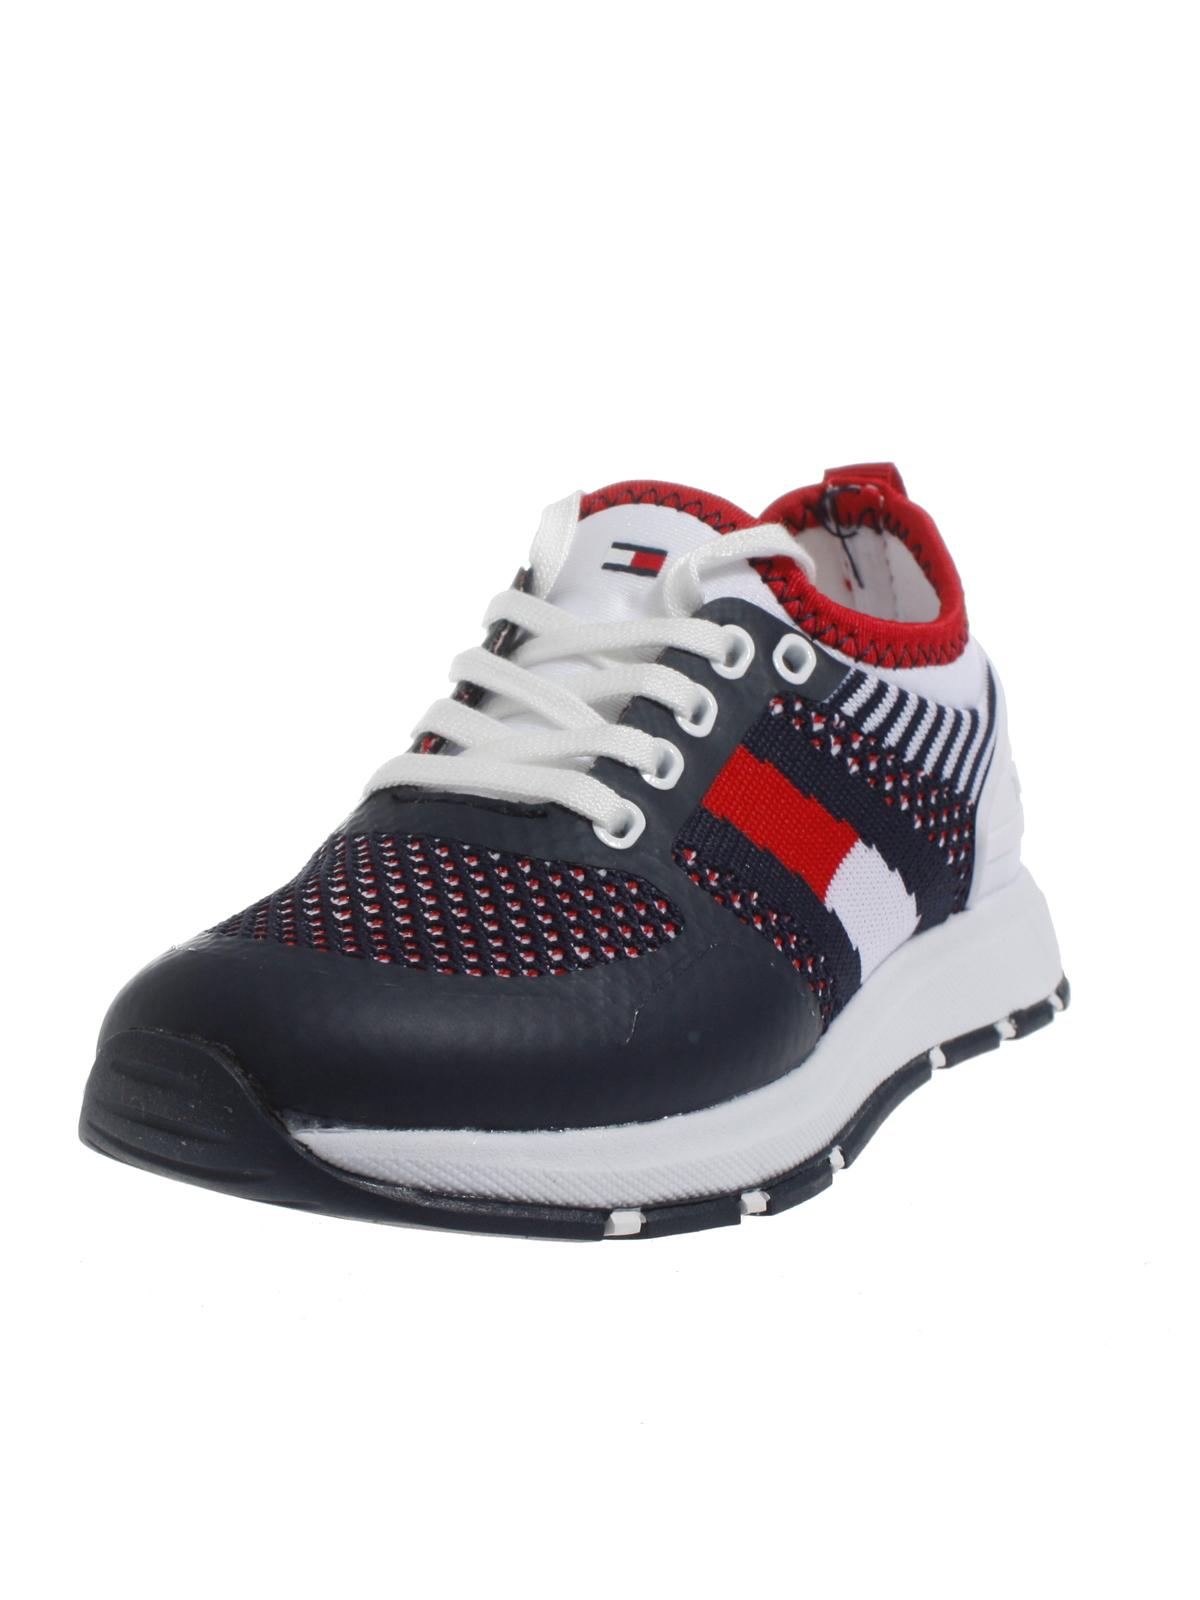 1e655a2ff4 Tommy Hilfiger Kinder Sneaker Schuhe für Jungs und Mädchen 24-30 Sneakers  weiß blau 3